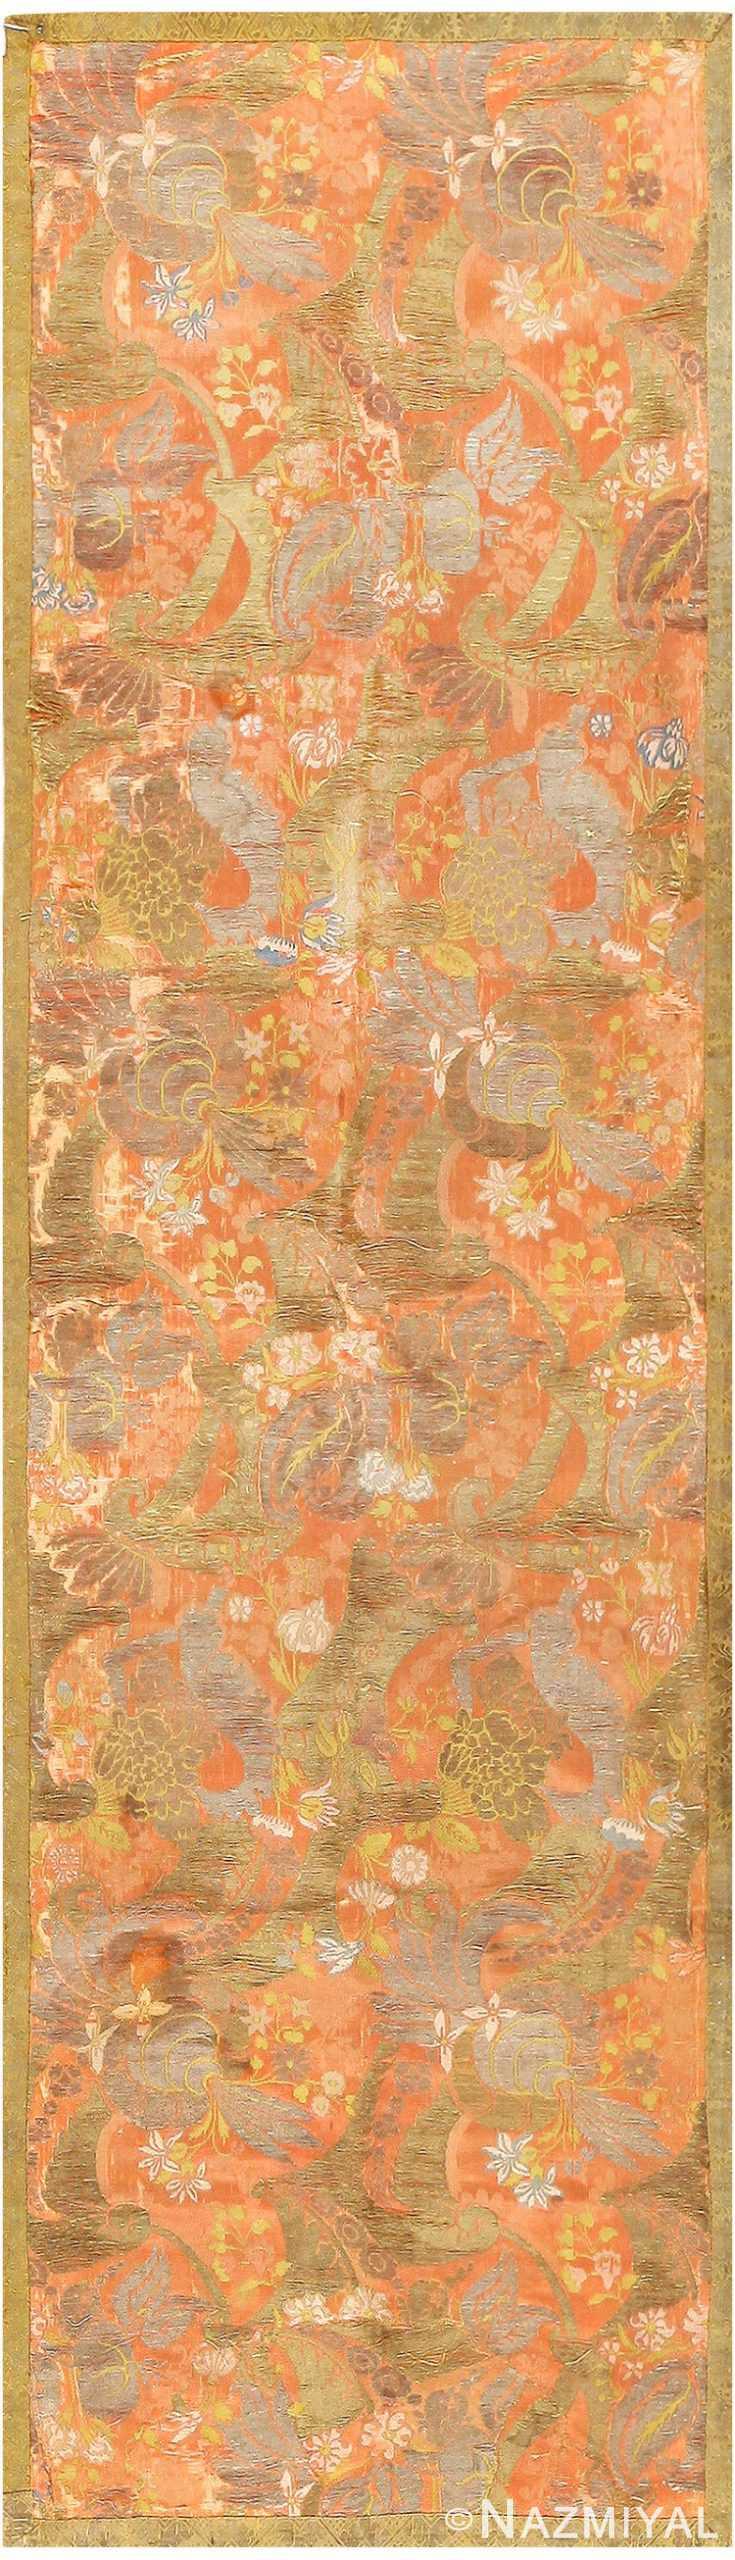 Antique Indian Textile 41497 Detail/Large View